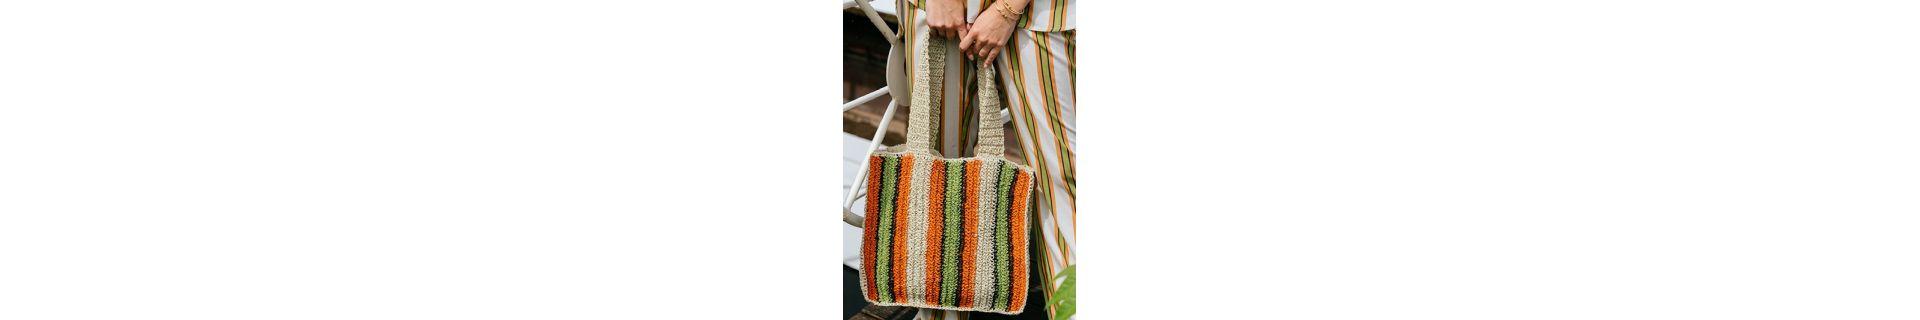 Nouvelle collection Printemps/Été 2021 - Maroquinerie femmes